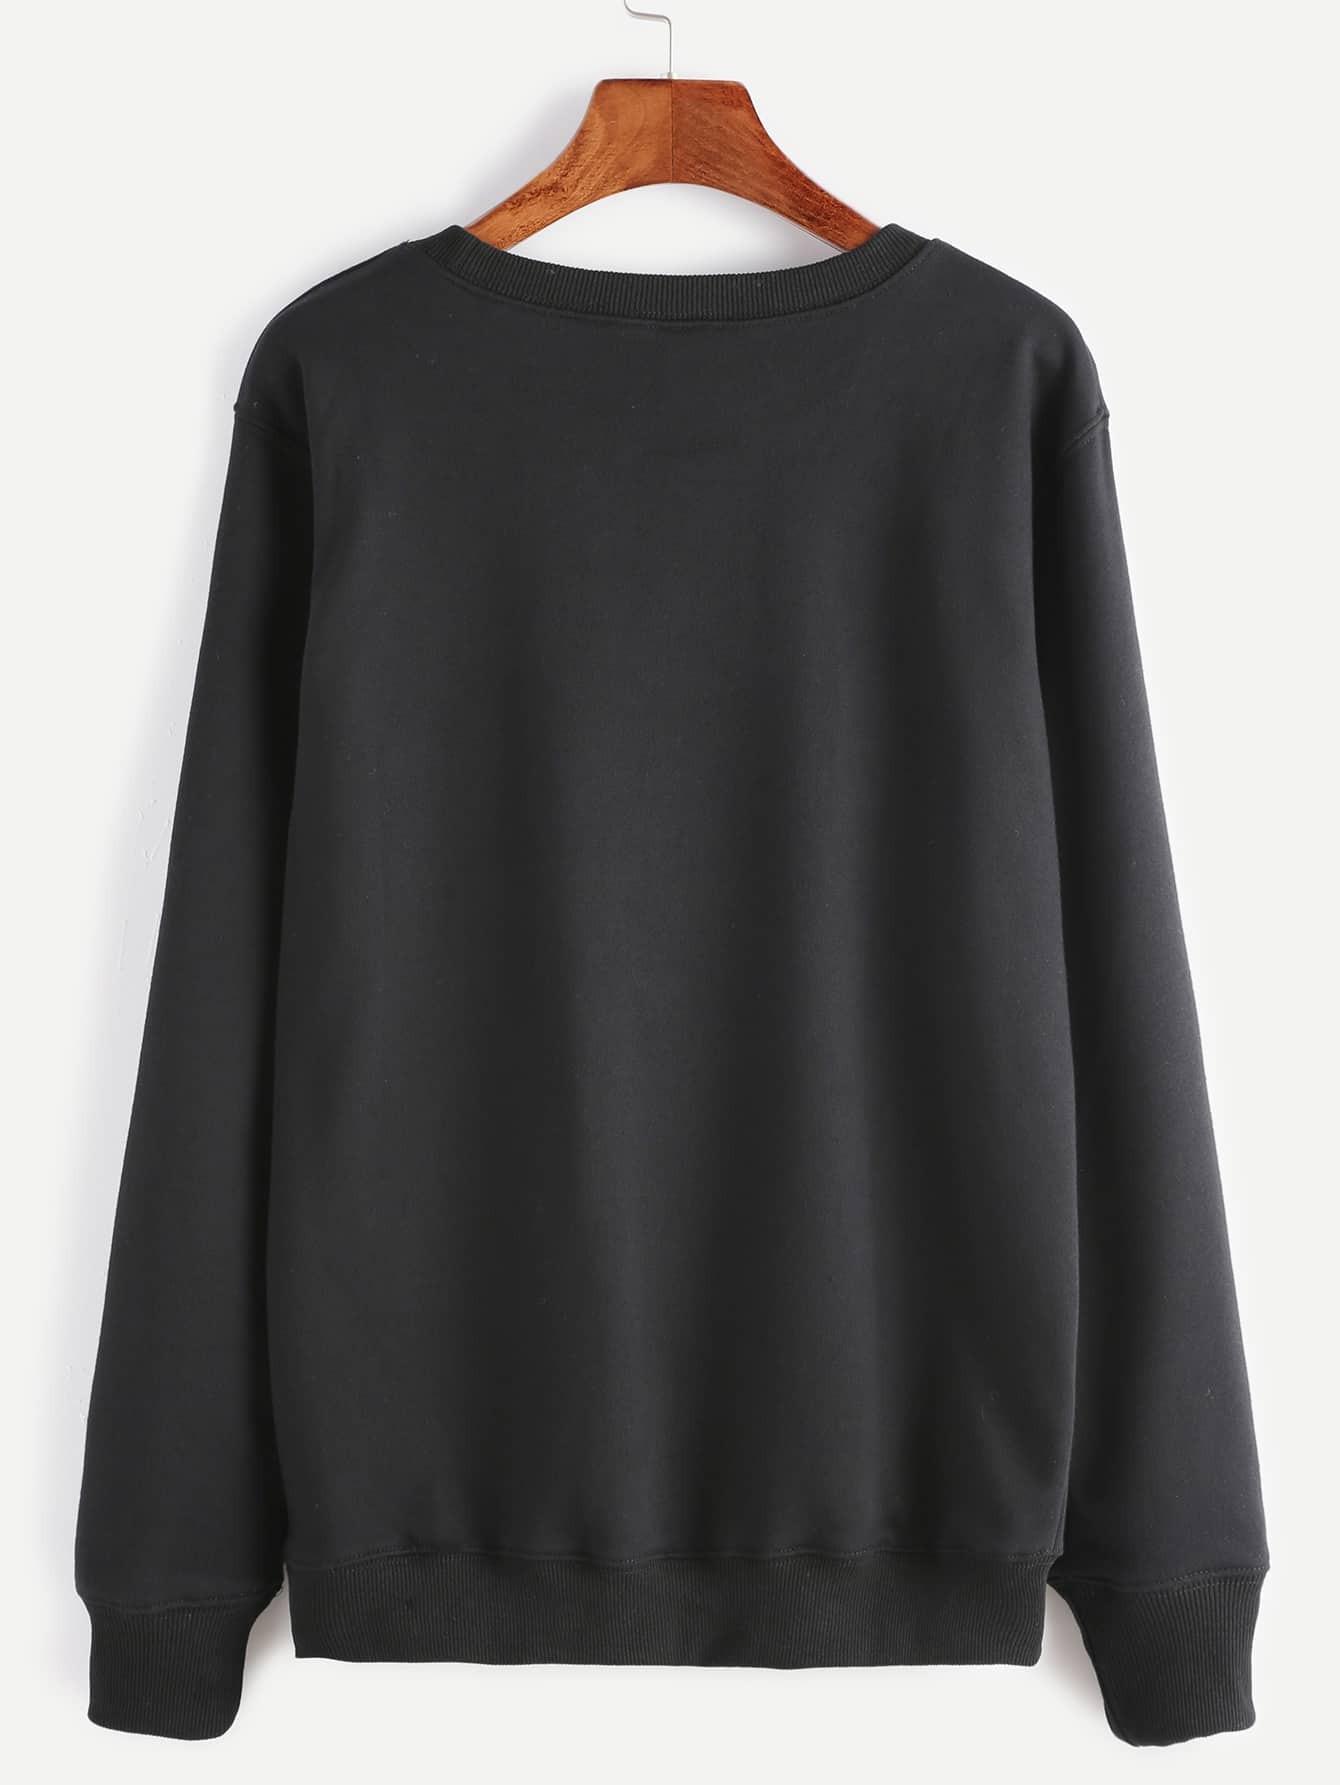 sweatshirt161202301_2